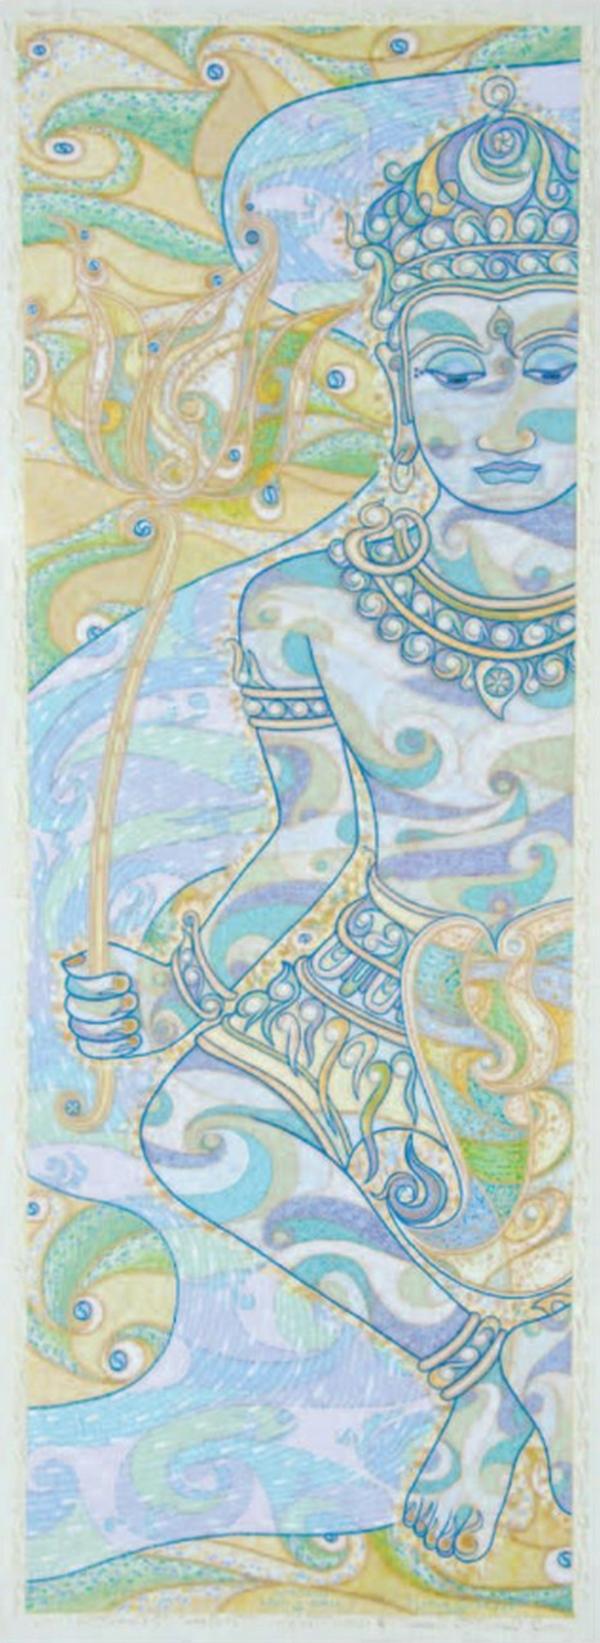 Sûtra du Lotus I, 2011-2013, huile sur toile